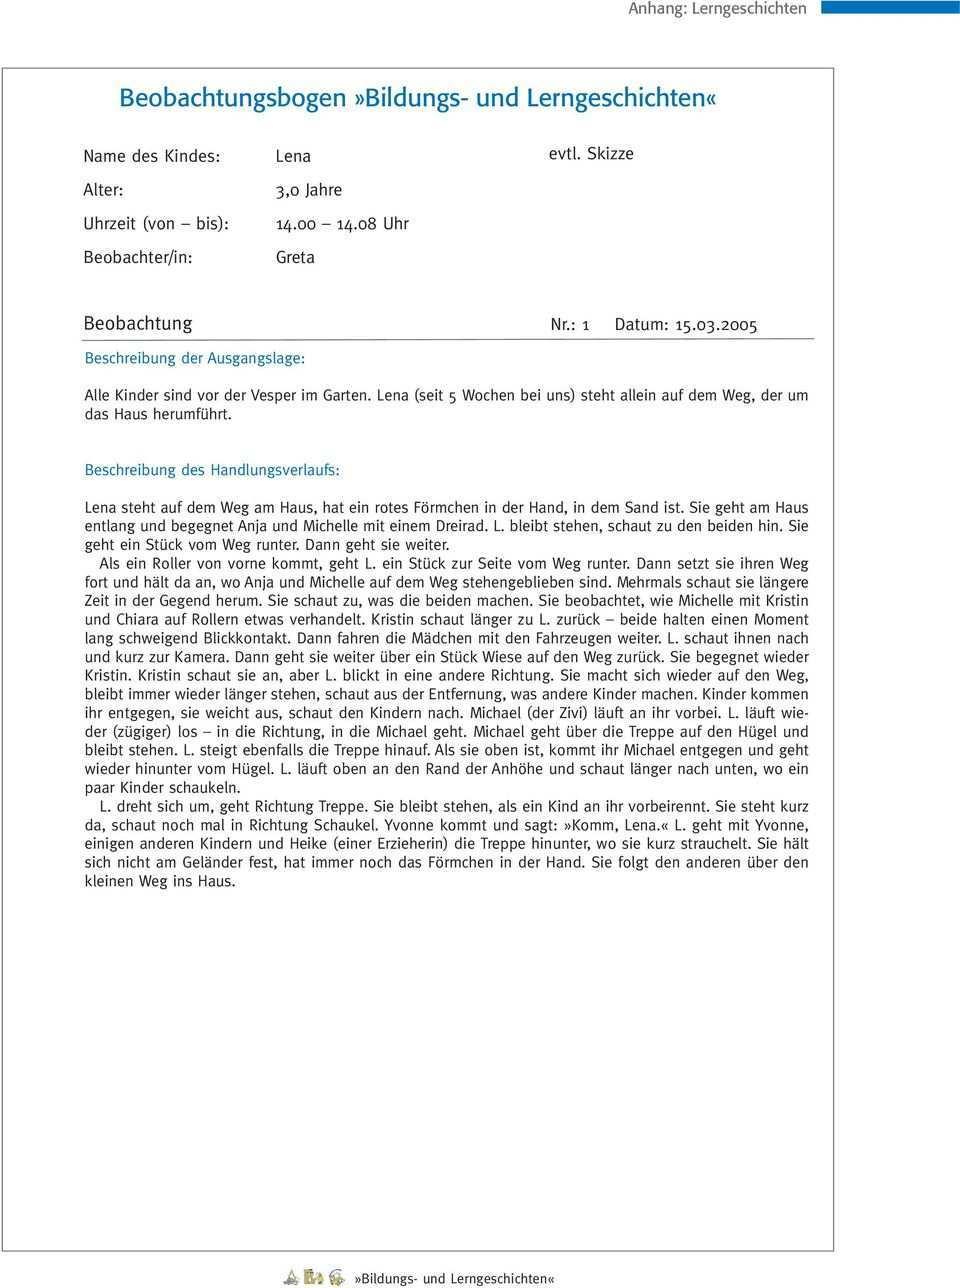 Beobachtungsbogen Bildungs Und Lerngeschichten Pdf Kostenfreier Download